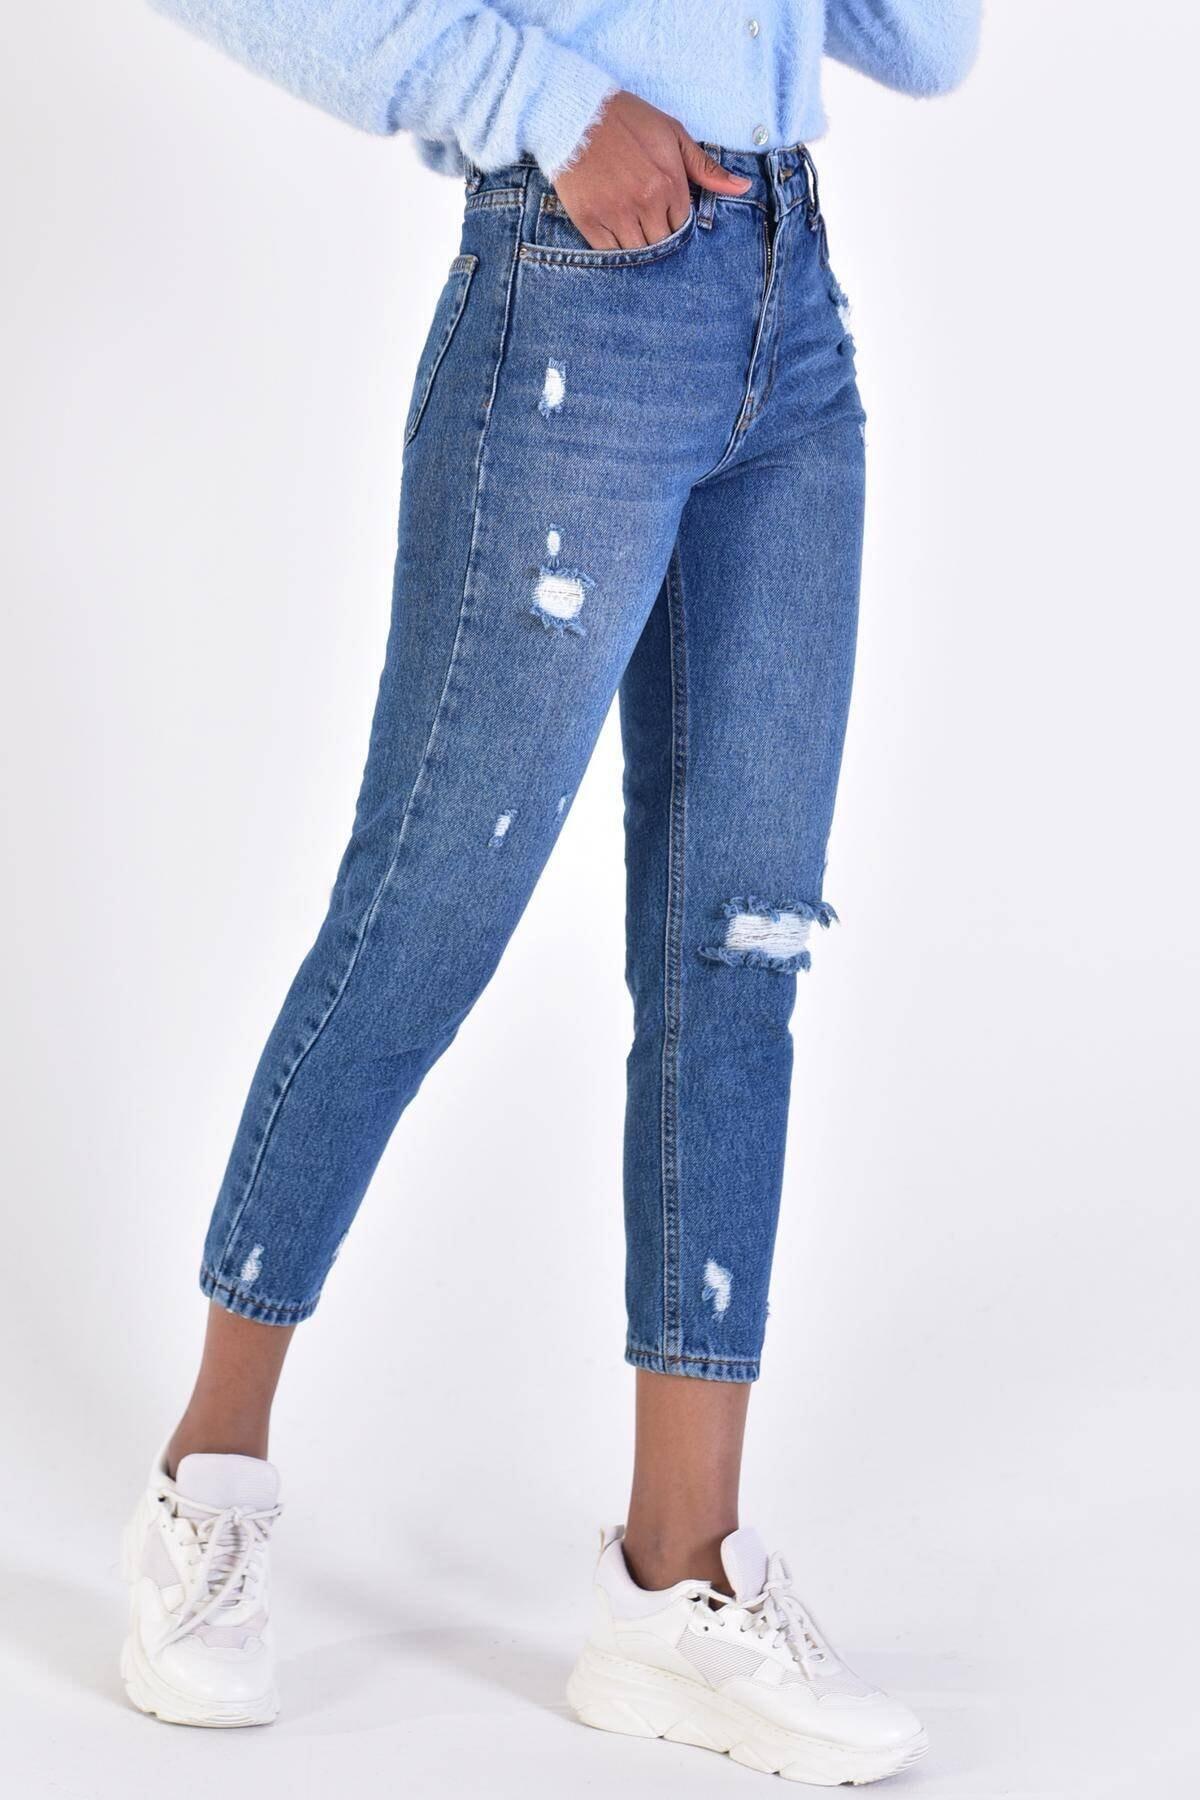 Addax Kadın Kot Rengi Yırtık Detaylı Pantolon 3